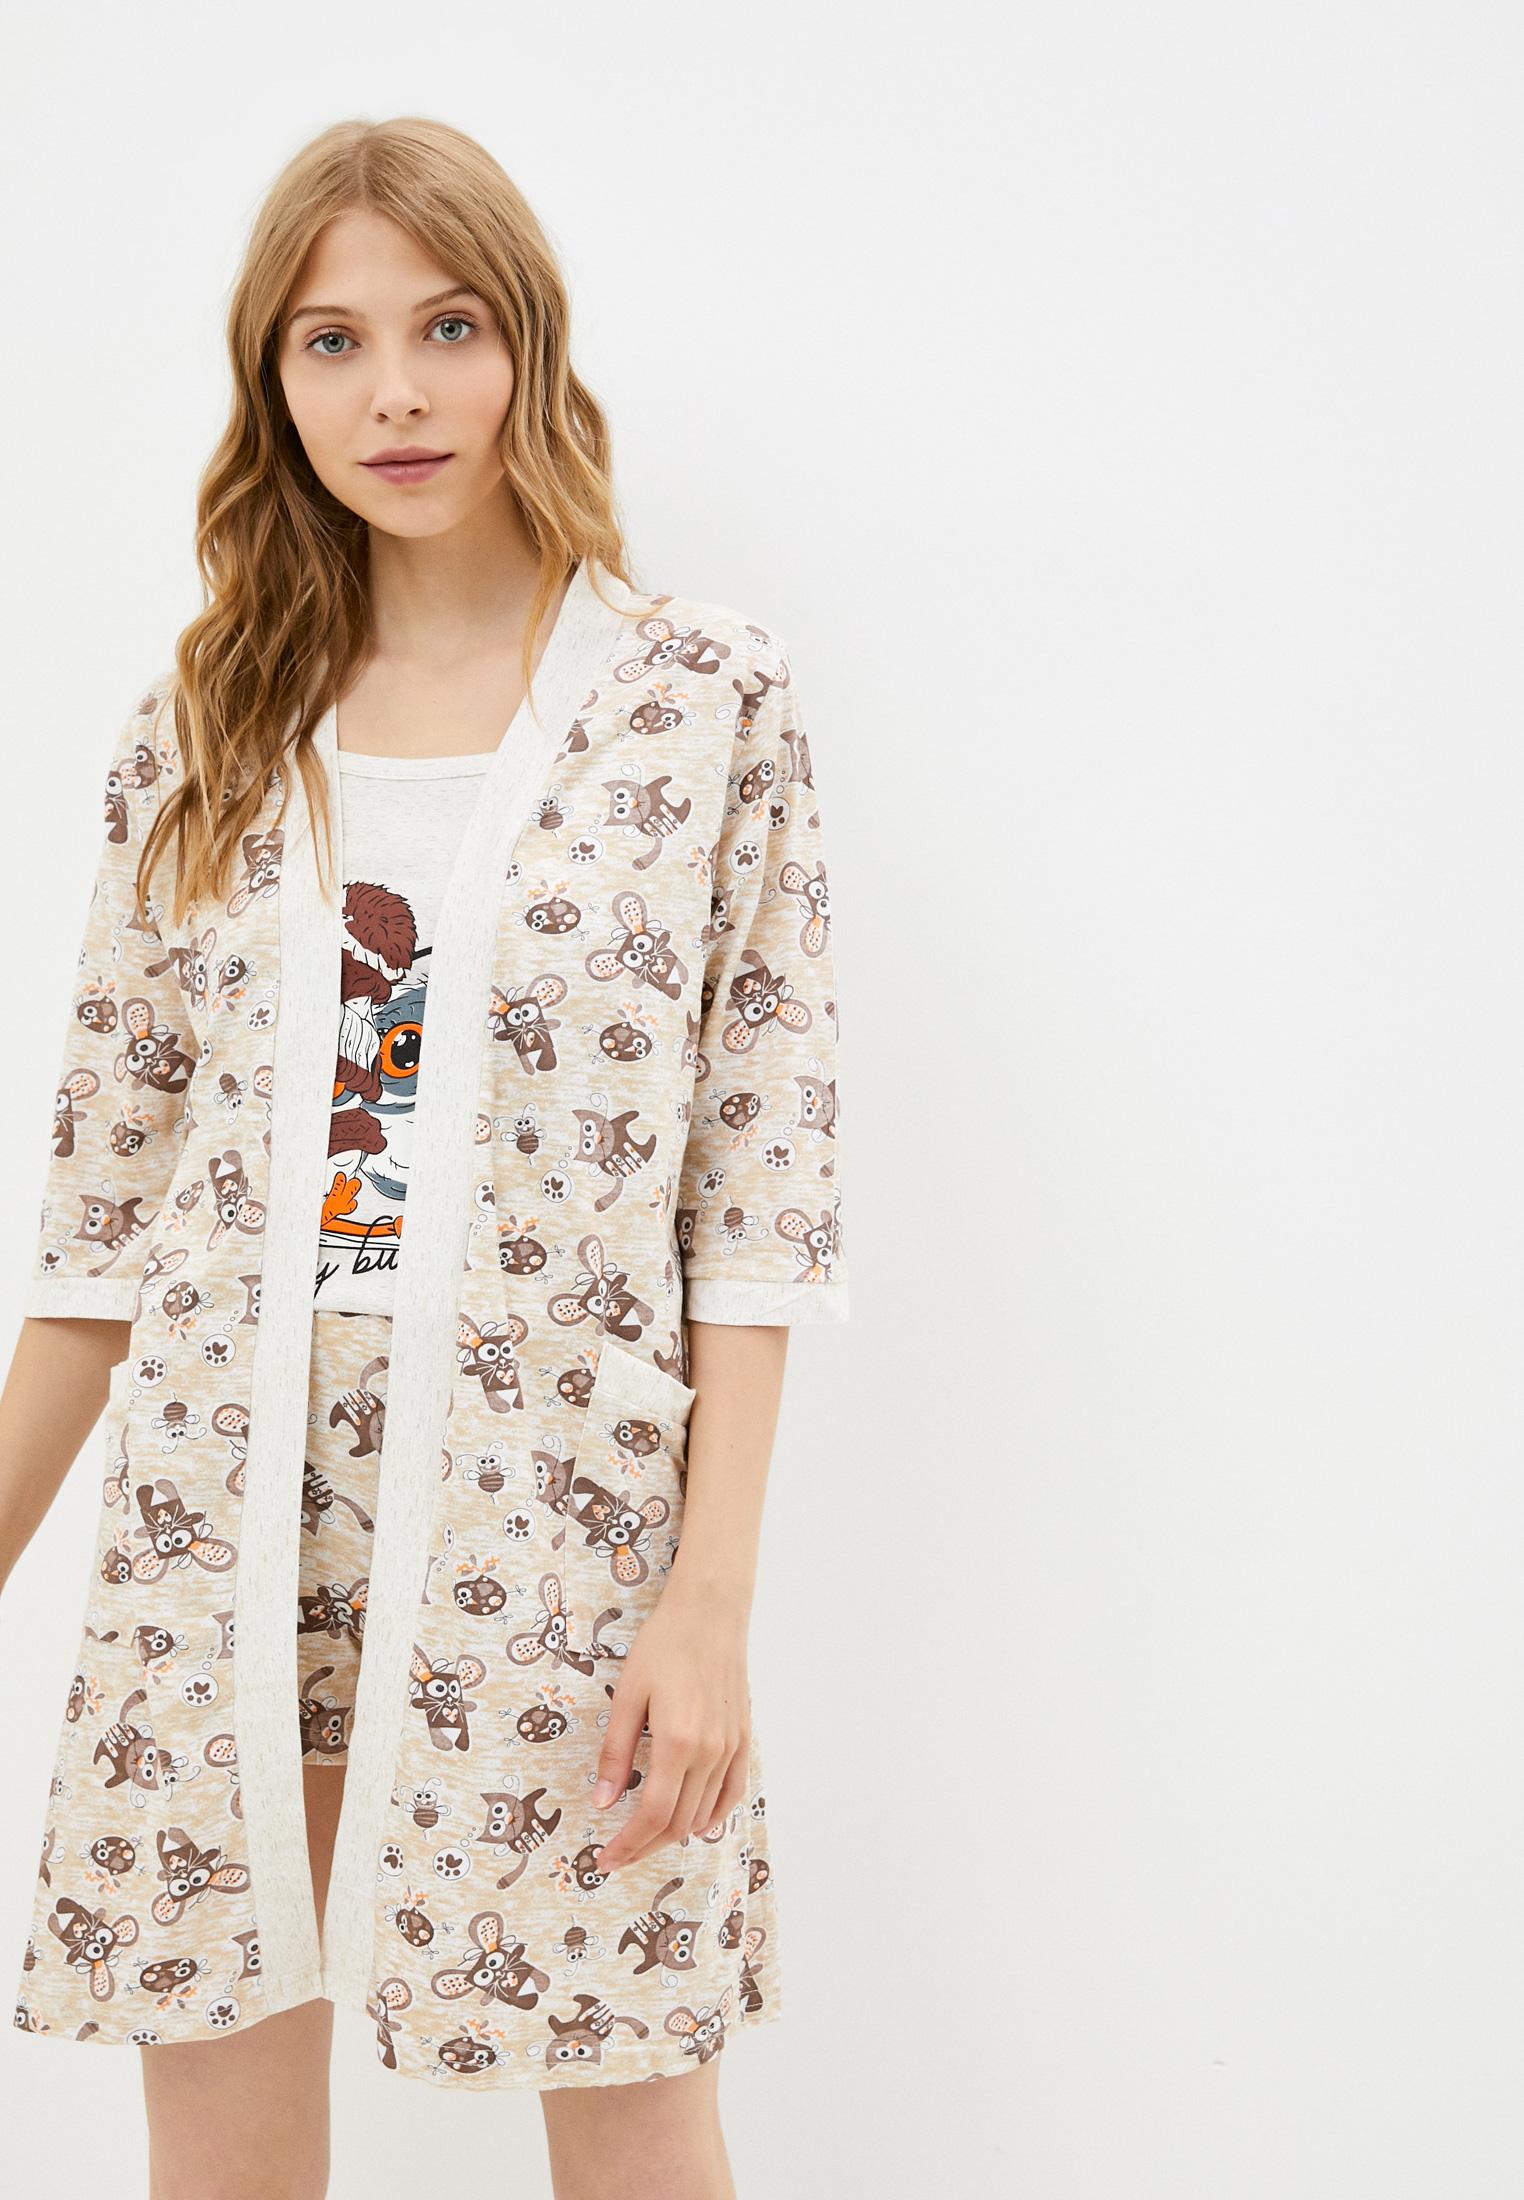 Женское белье и одежда для дома SleepShy SL157